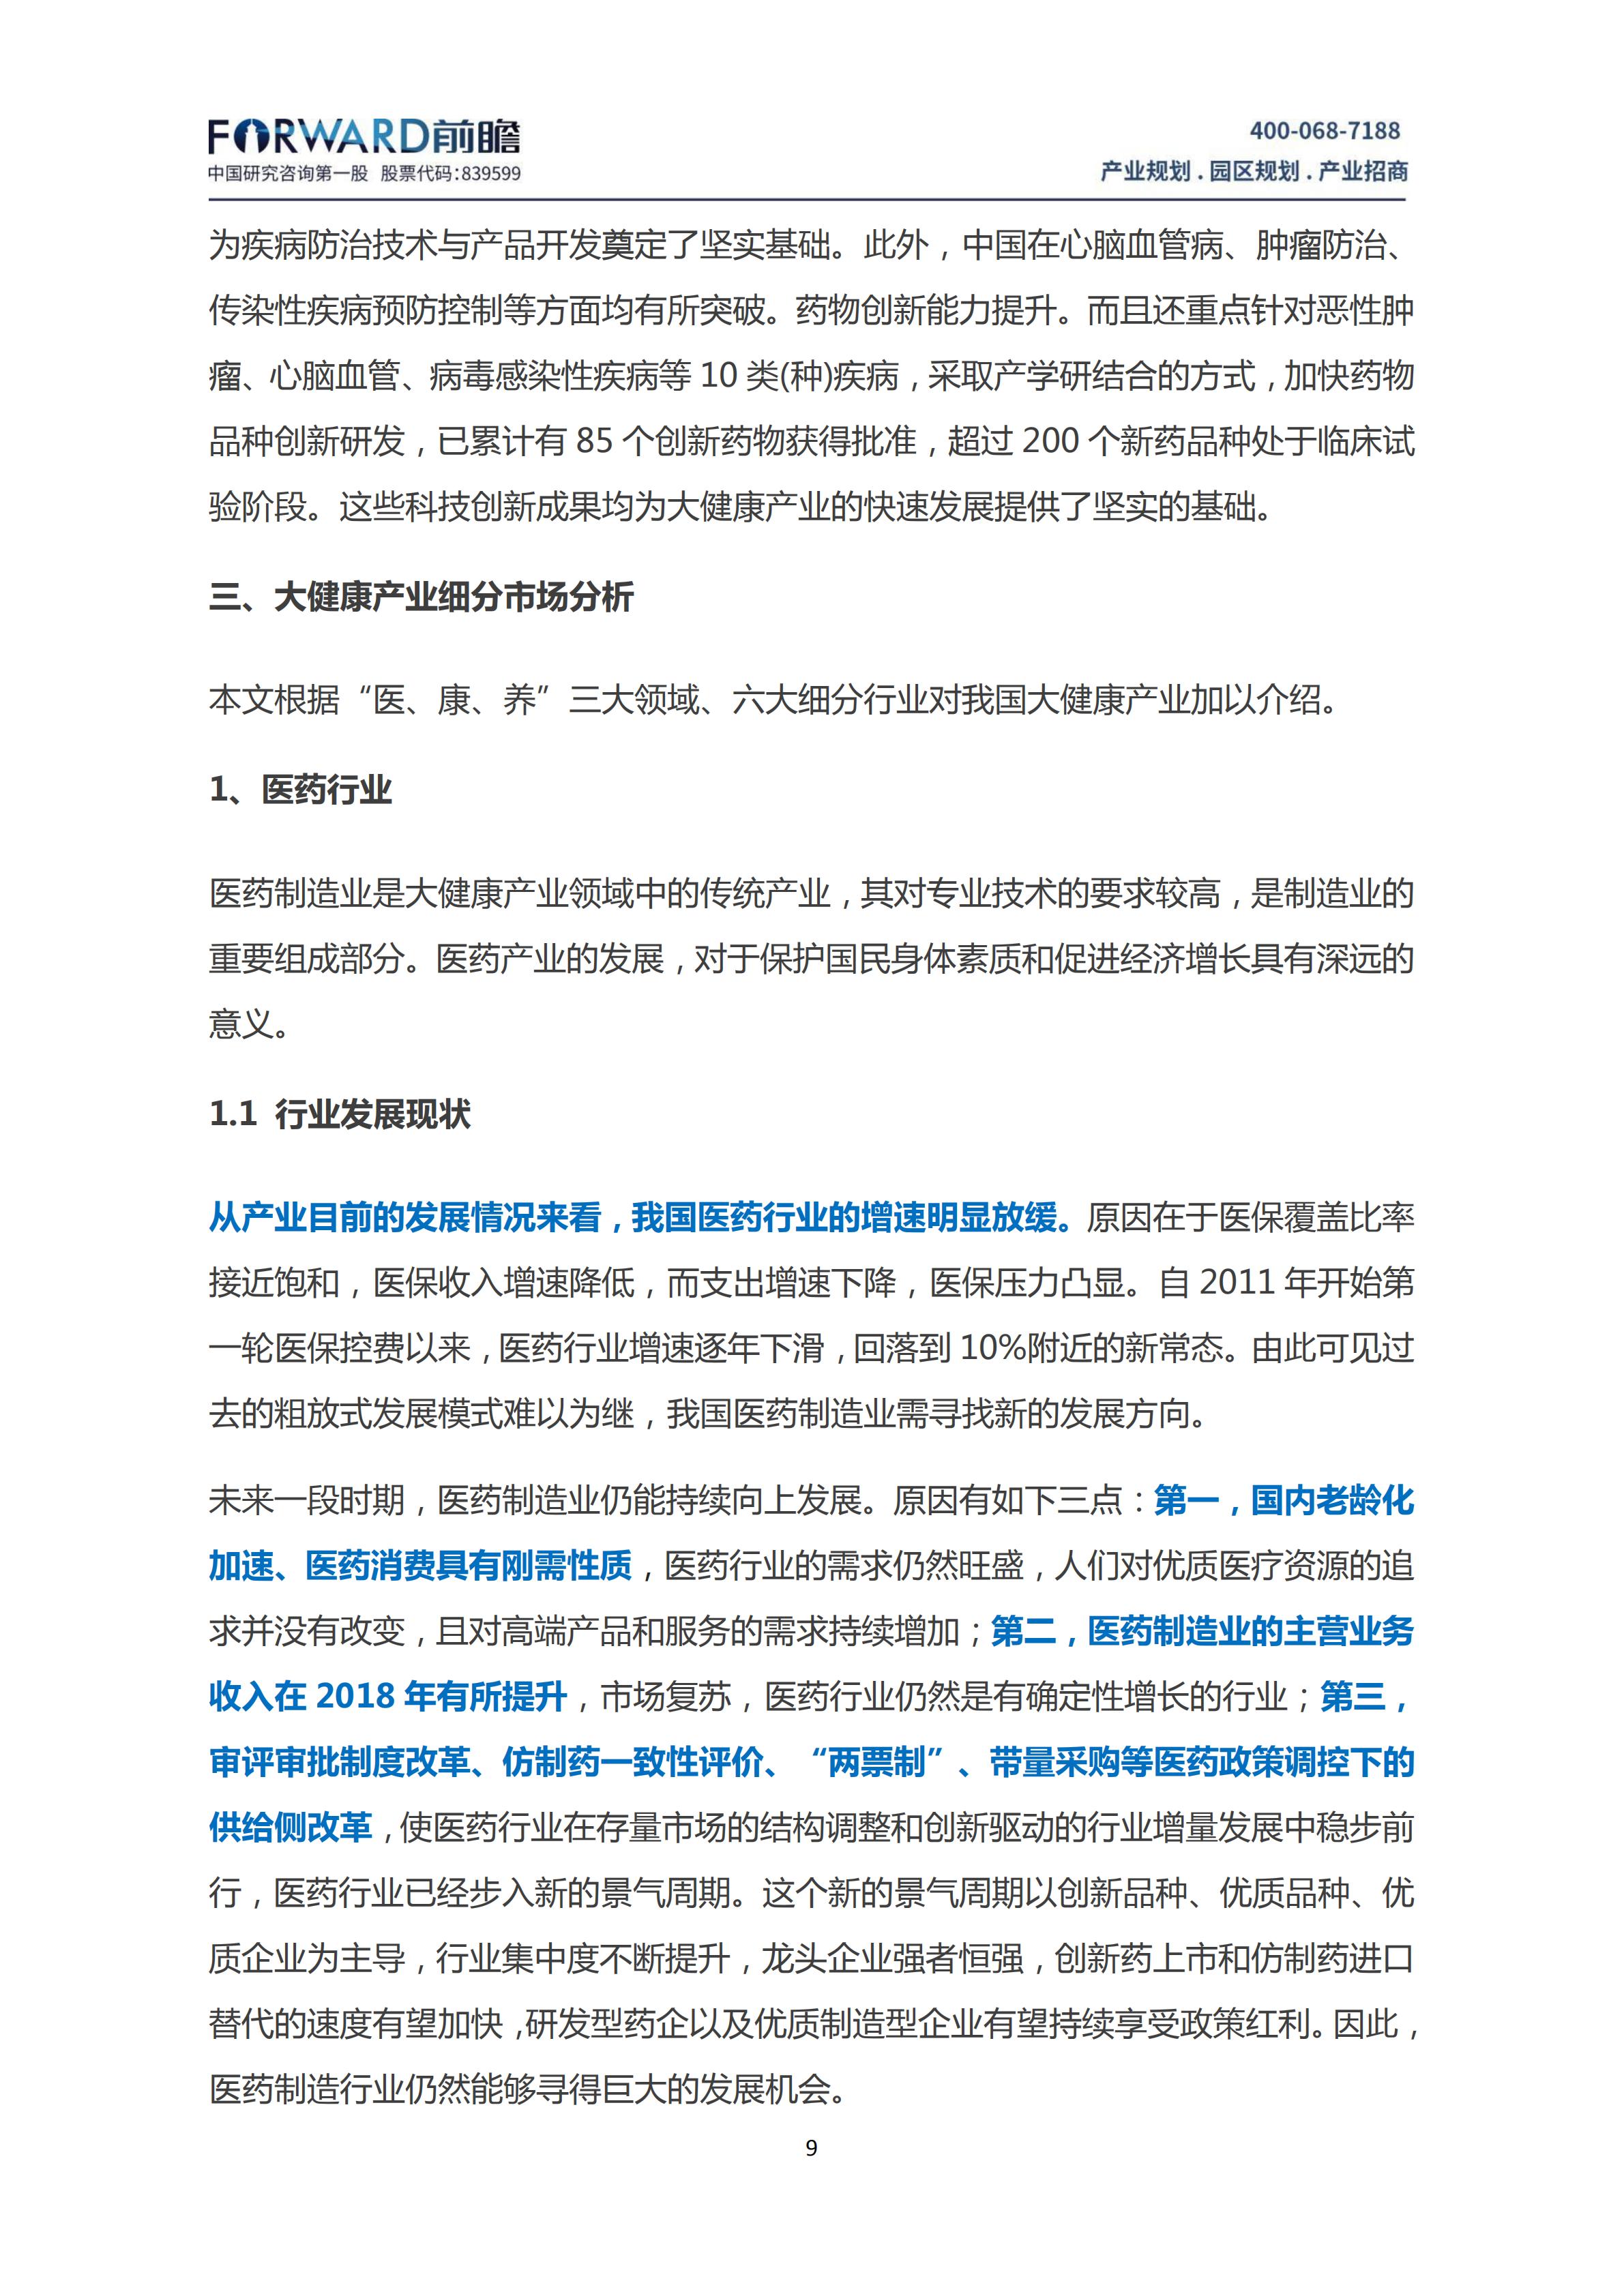 中国大健康产业发展现状及趋势分析_10.png